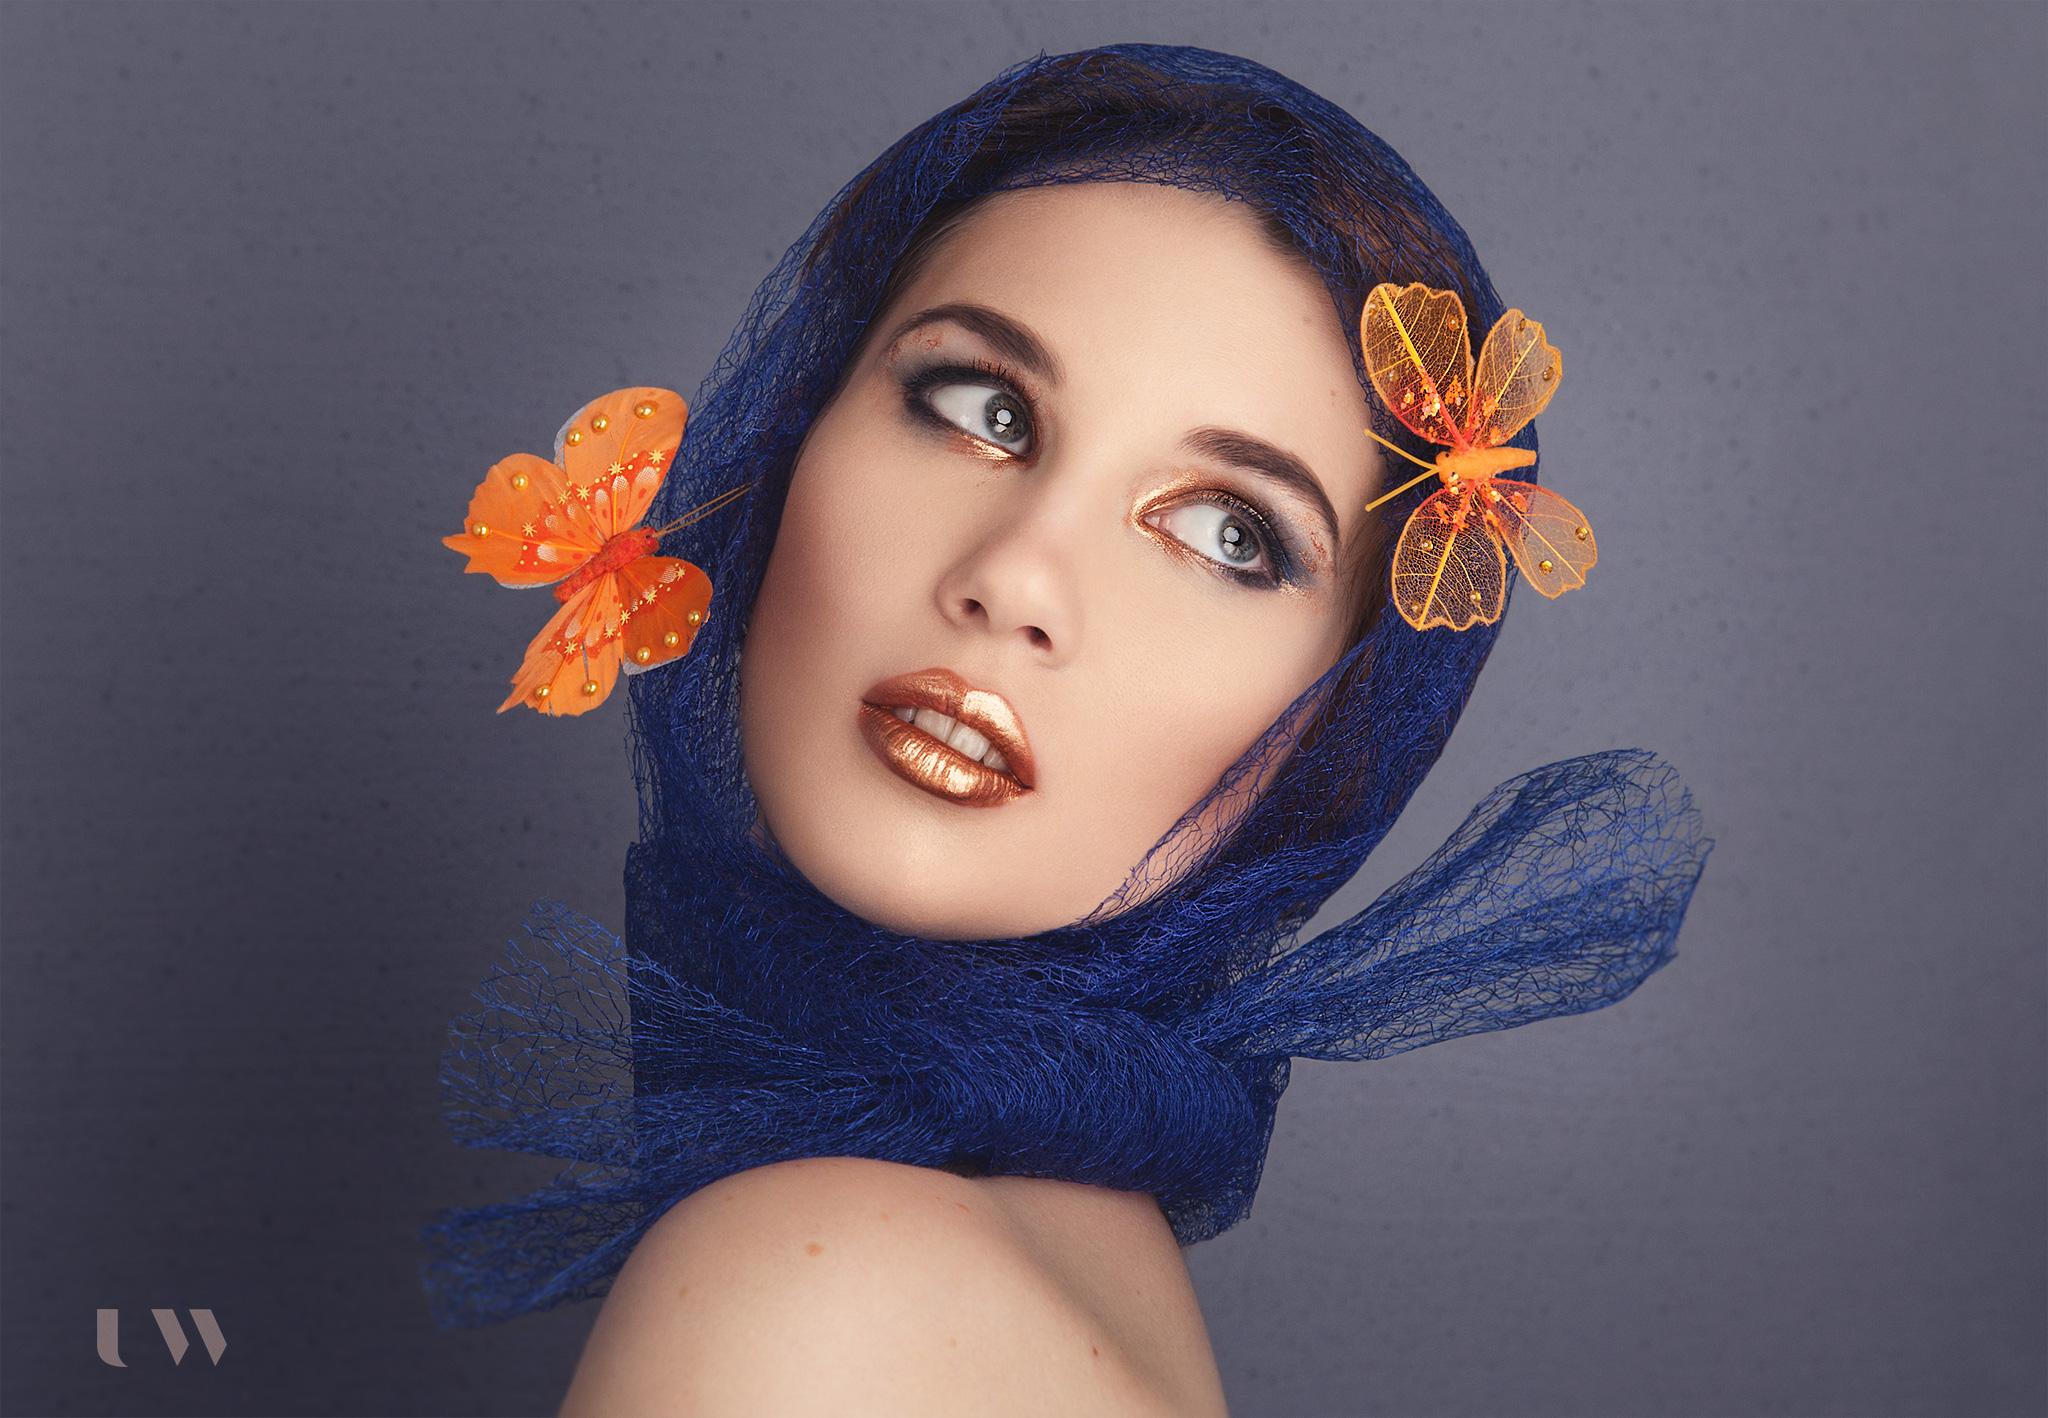 Butterfly_Zala_Zagoricnik_portrait_Ulla_Wolk_4